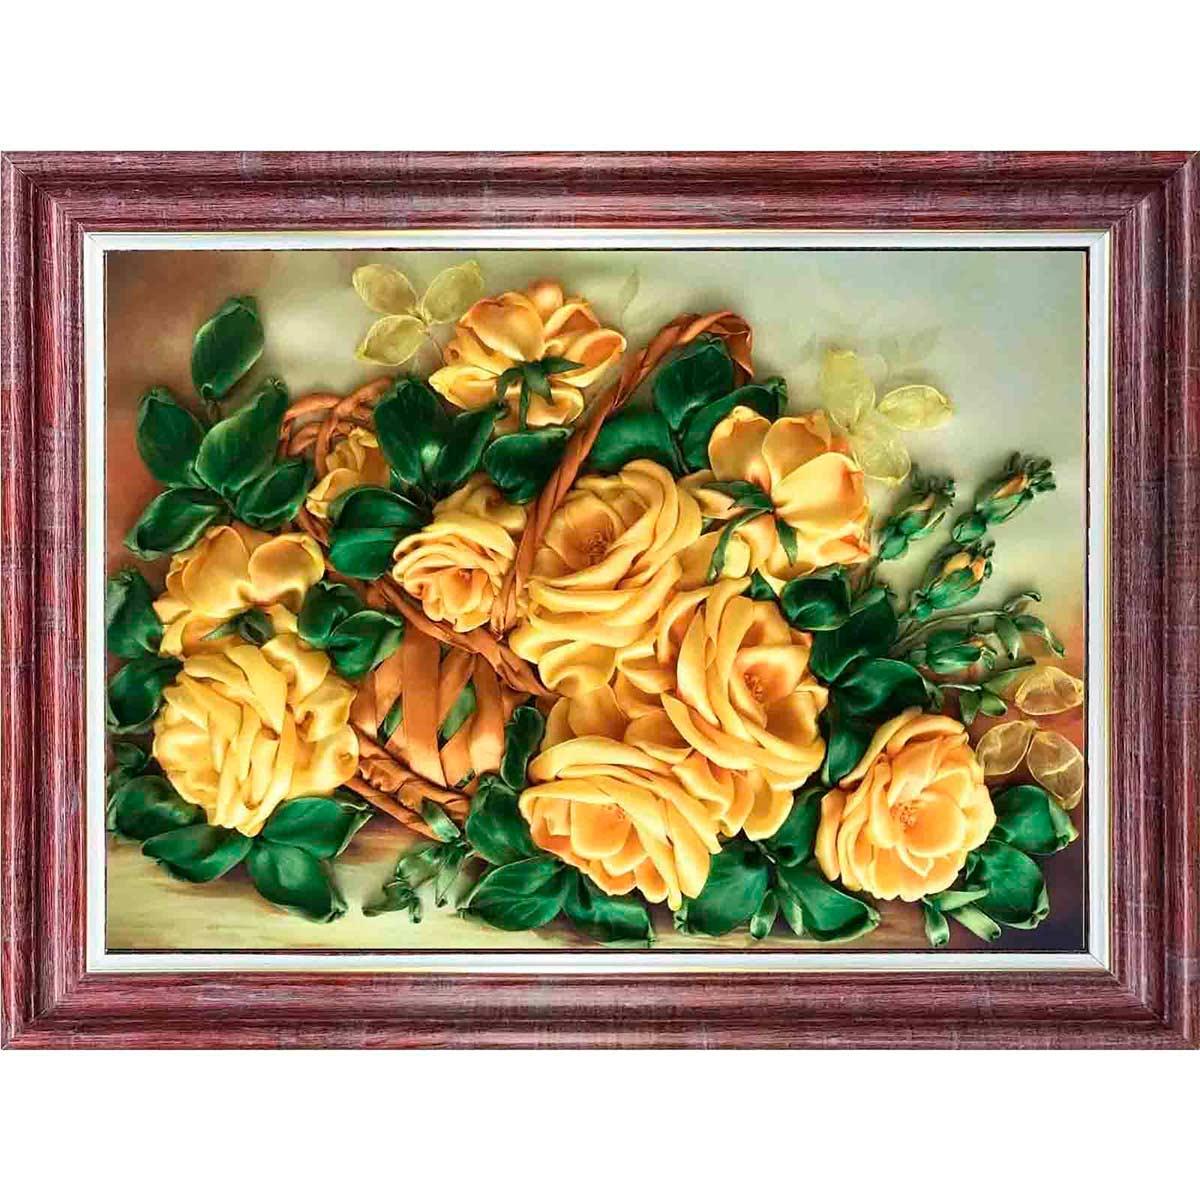 КЛ(н)-3030 Набор для вышивания лентами 'Желтые розы'25,0*32,5 см